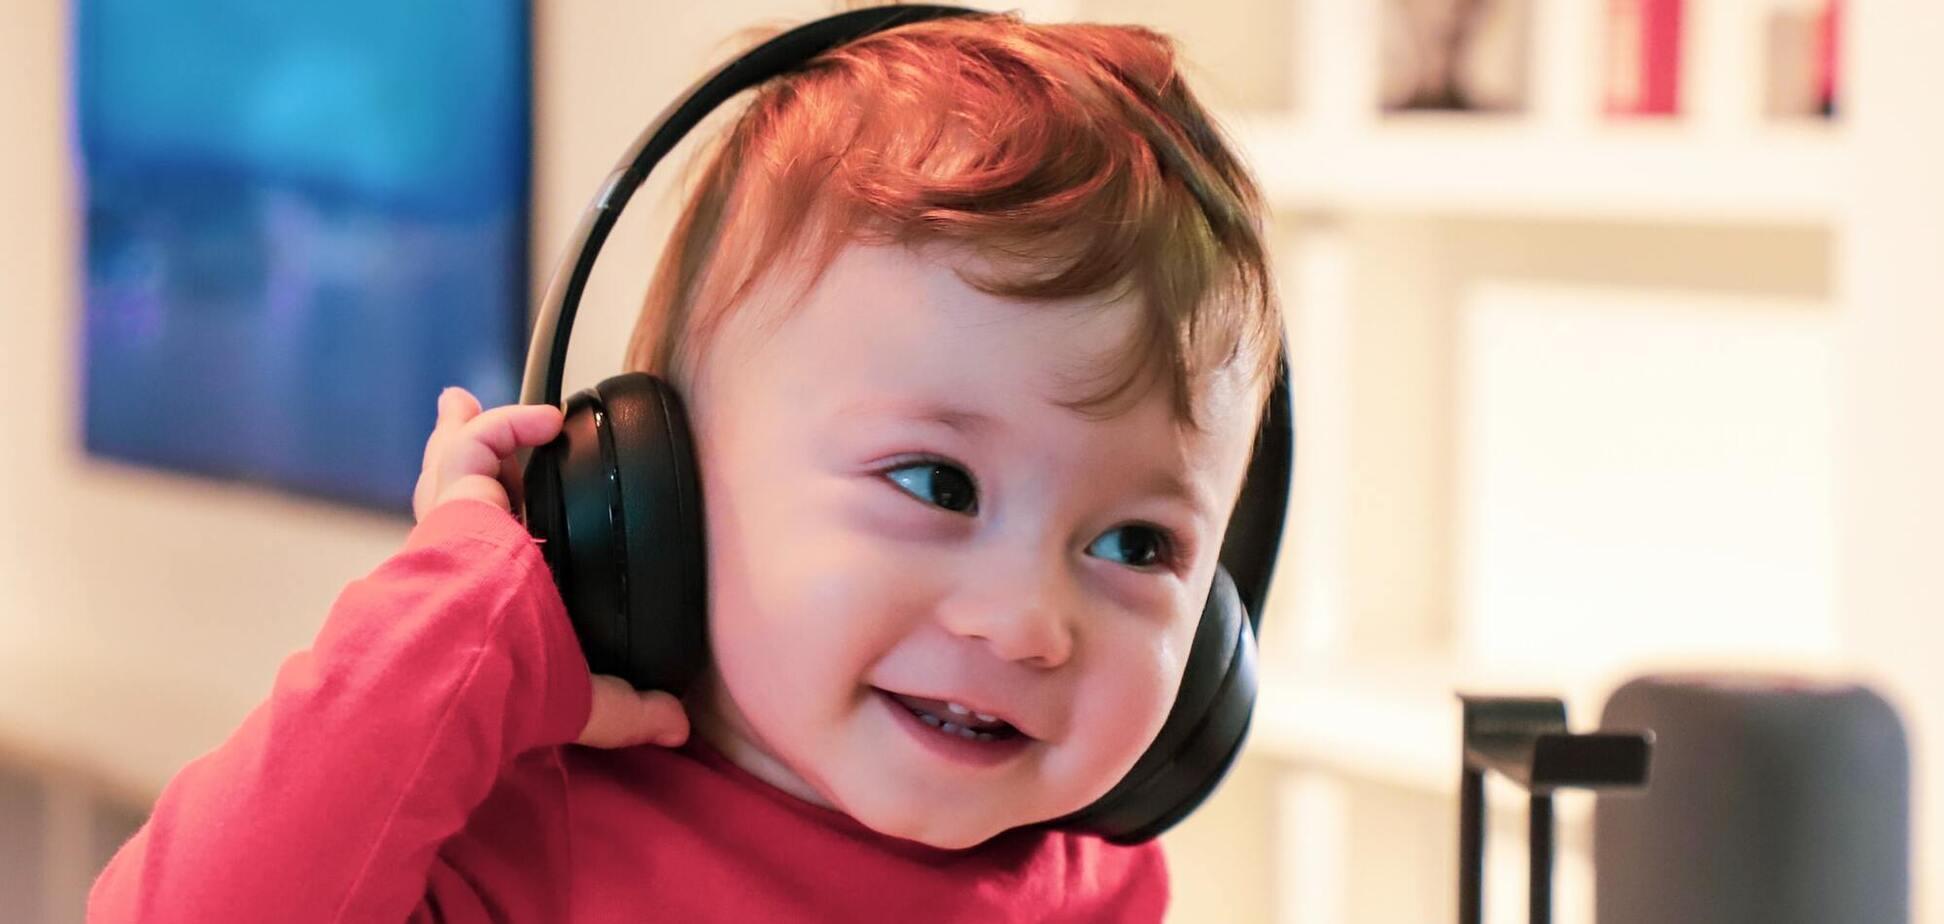 У детей, занимающихся музыкой, обнаружили повышенную активность в областях мозга, связанных со слухом и вниманием